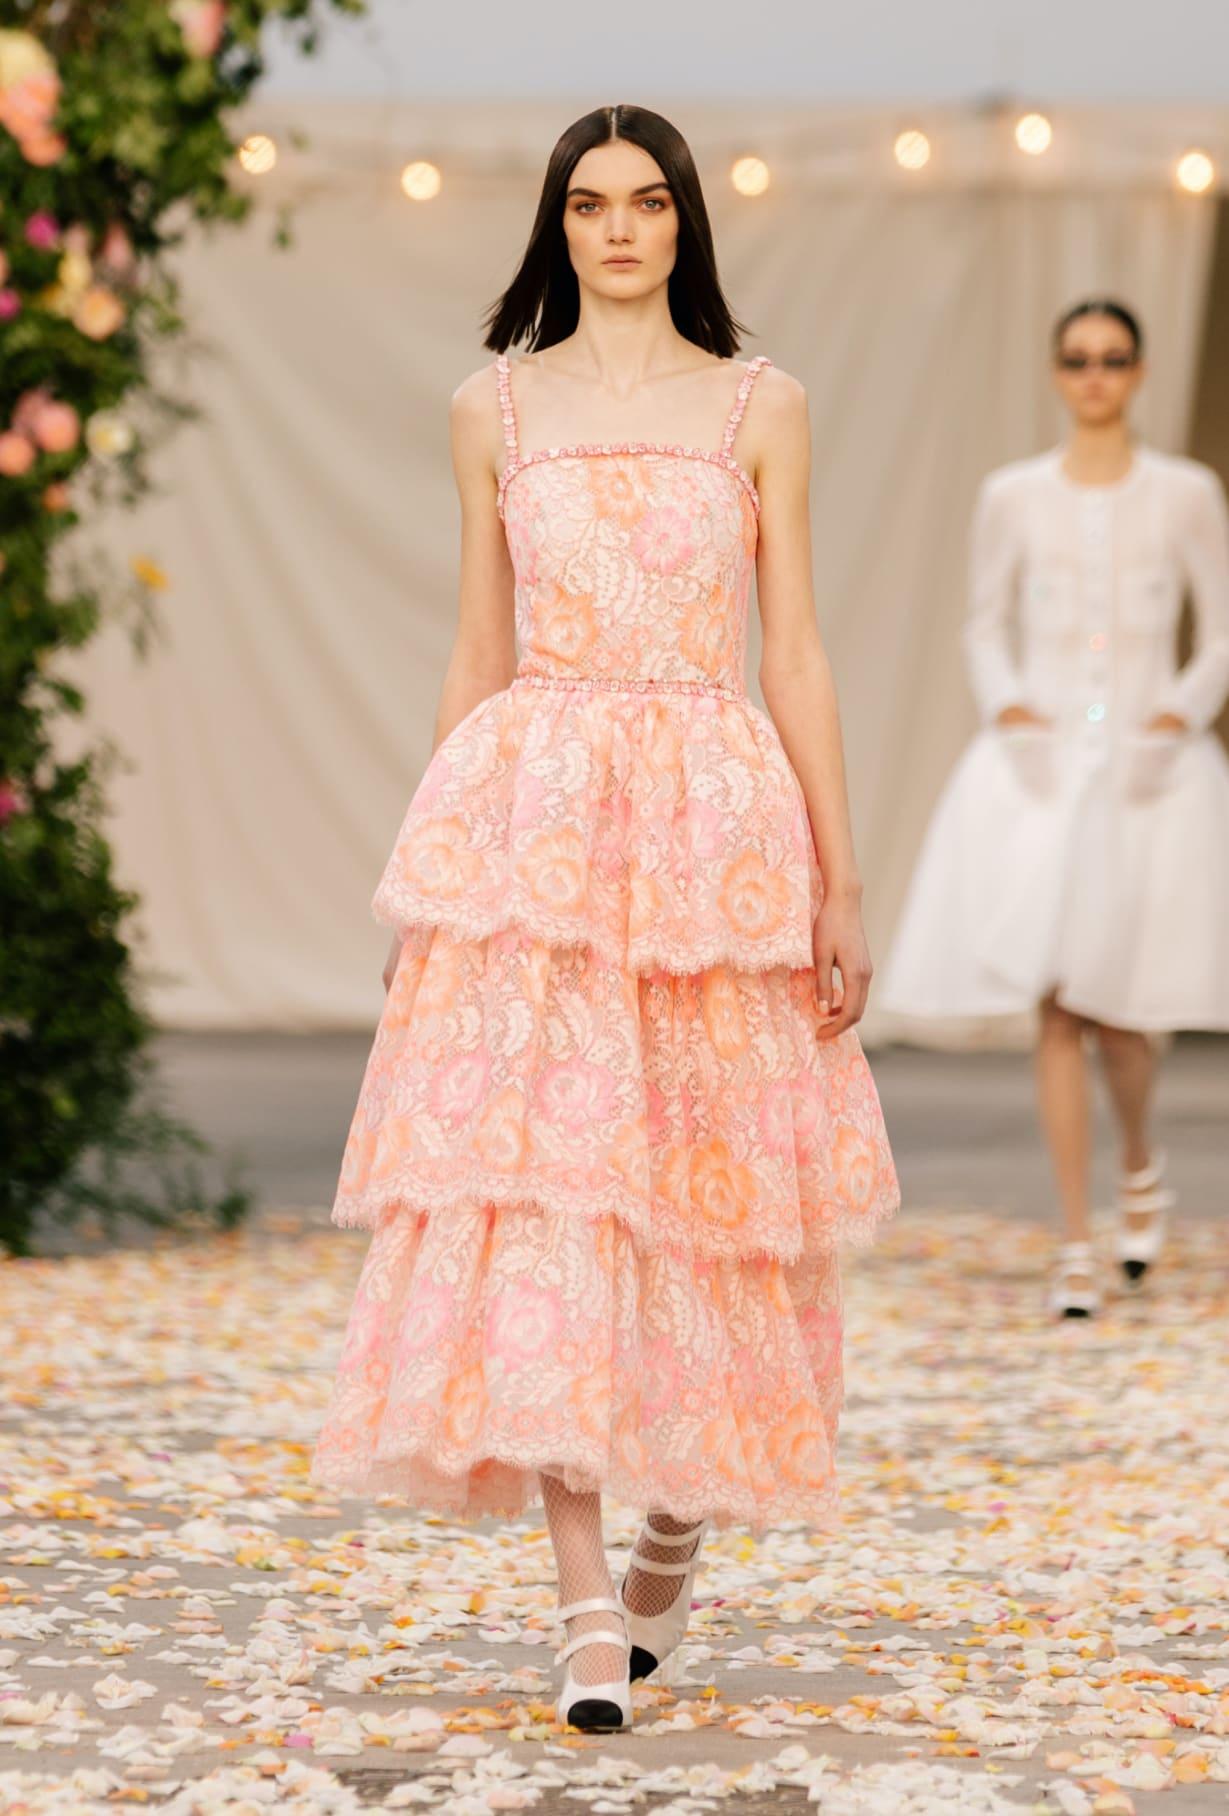 chanel,haute couture,SS21,paris,anton corbijn,mode,fashion show,défilé,grand palais